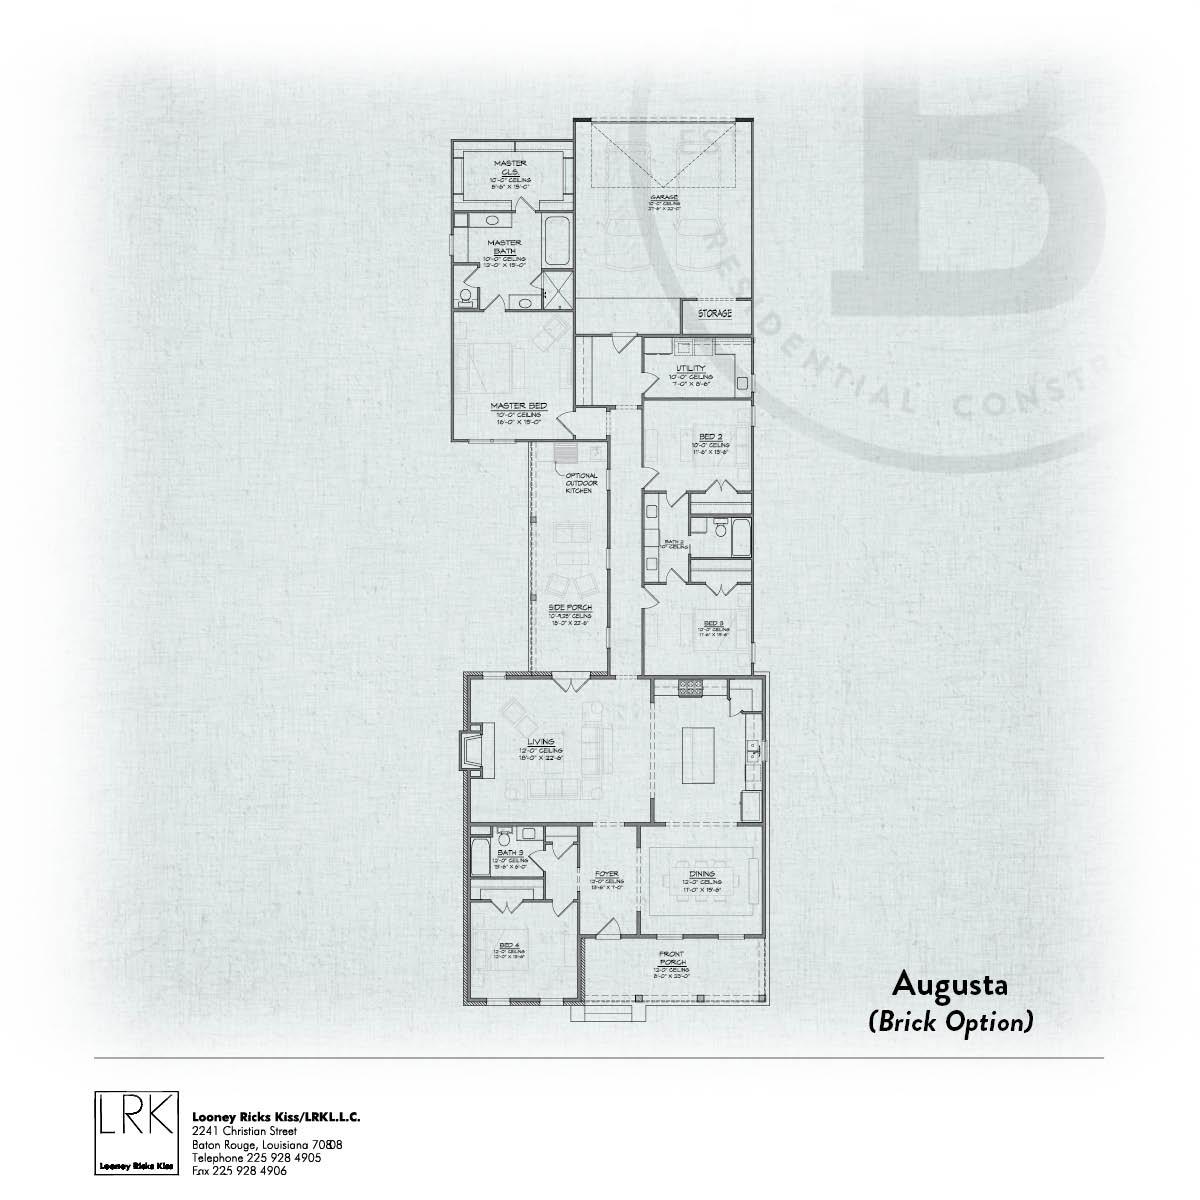 Augusta Brick Floorplan